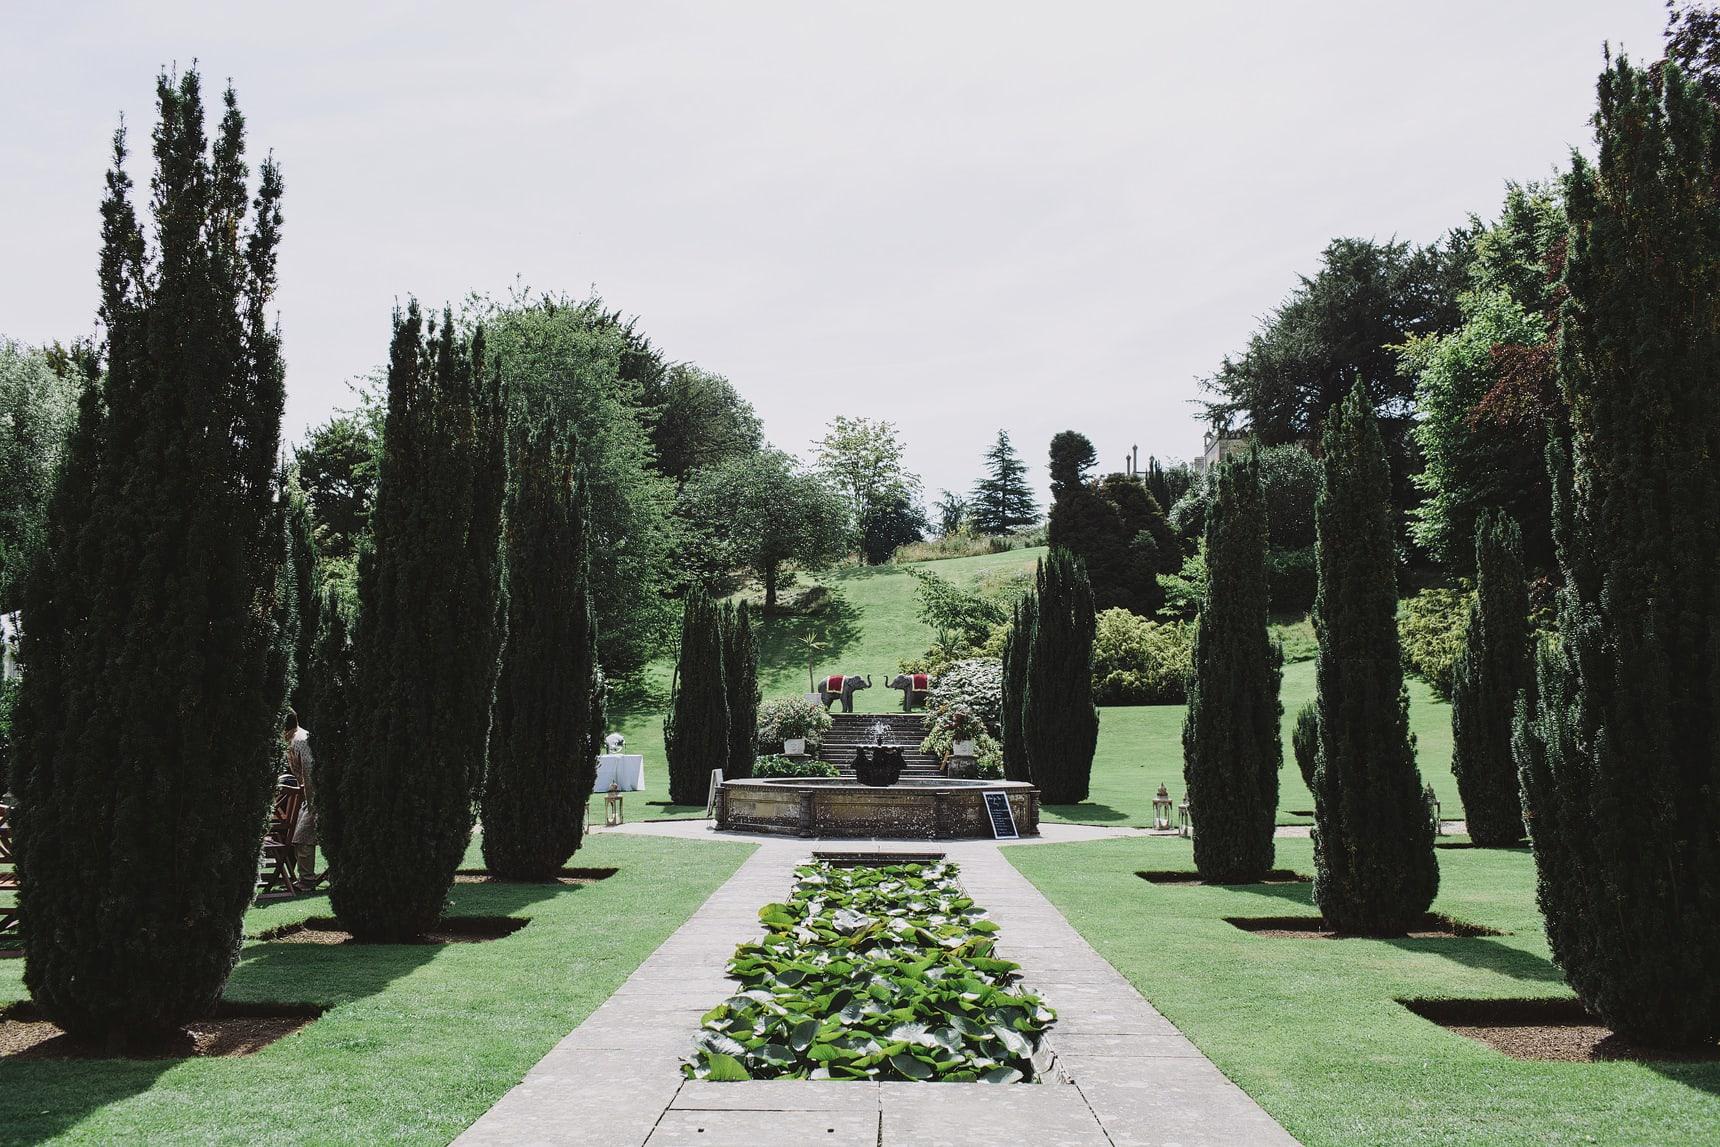 sezincote house estate